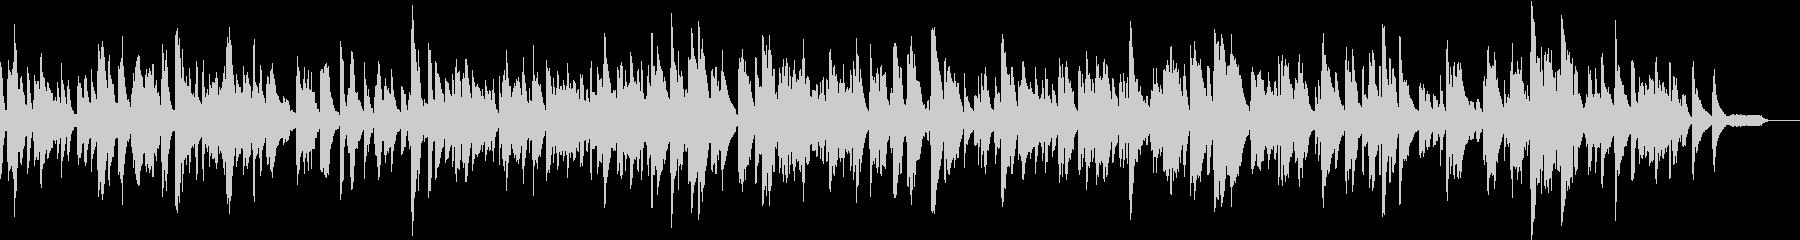 しっとりとしたピアノ旋律の未再生の波形